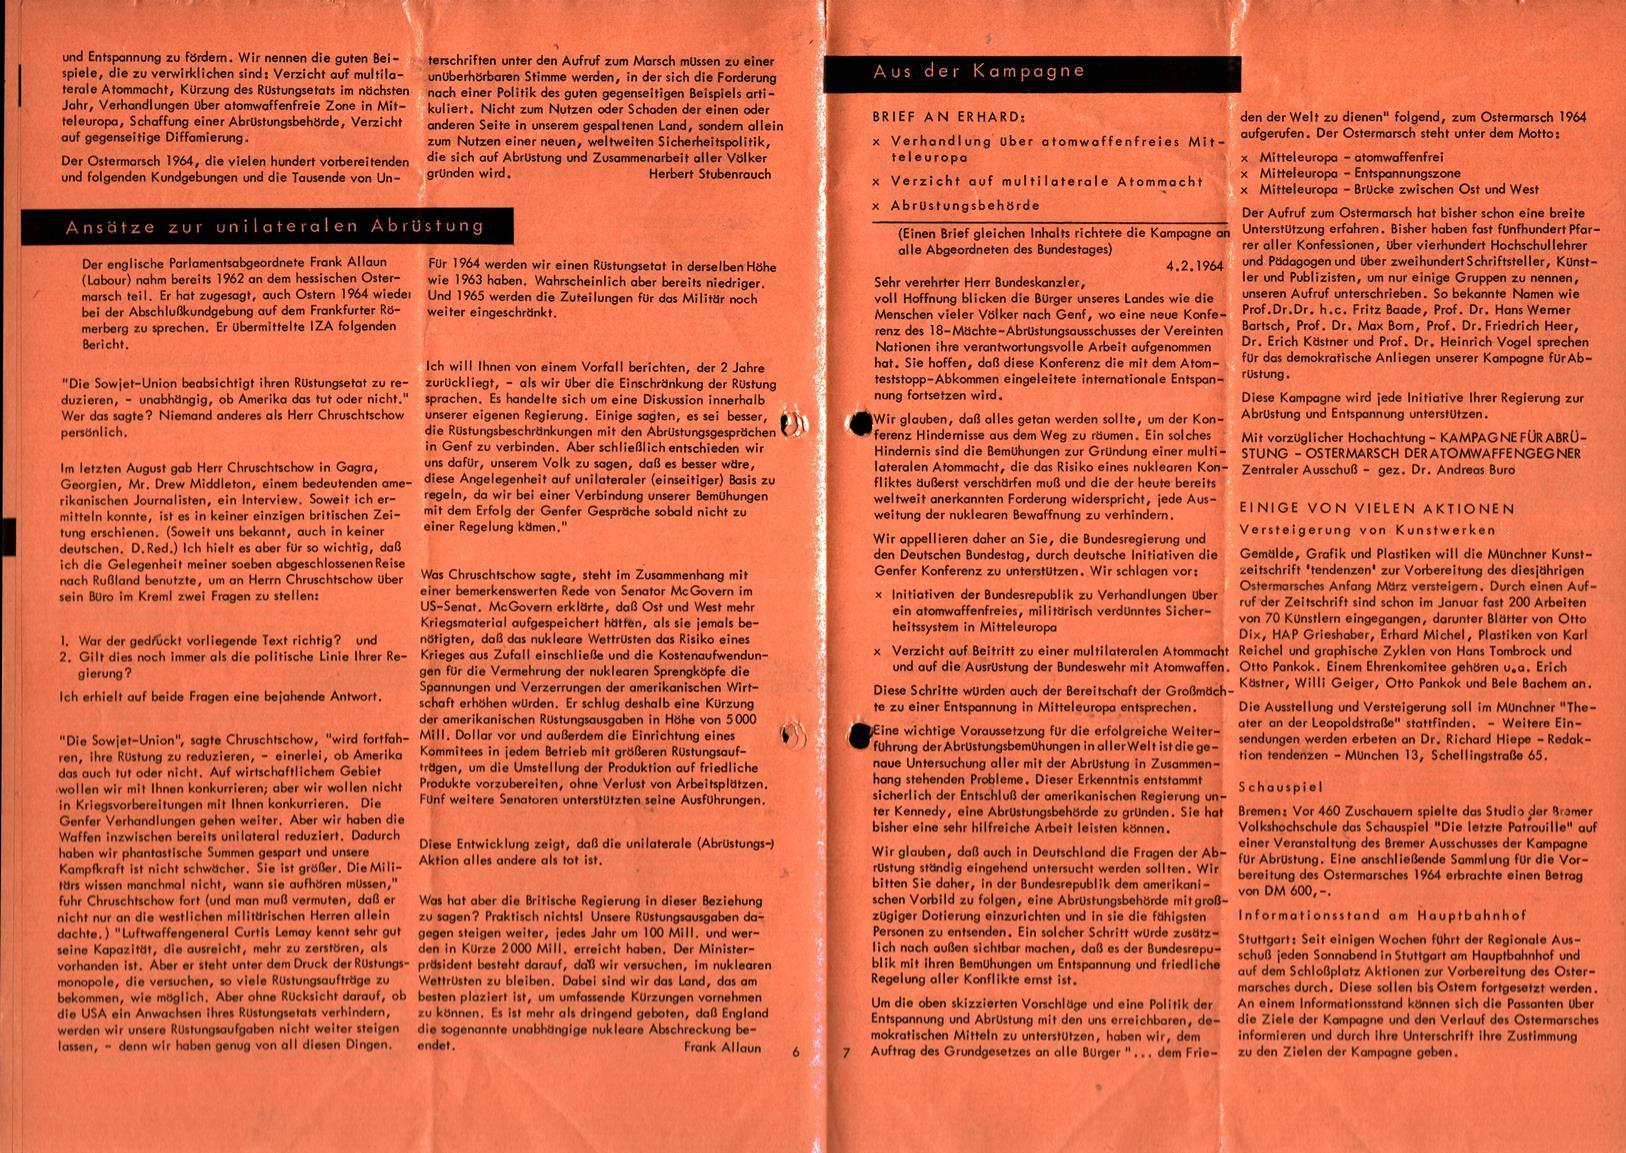 Infos_zur_Abruestung_1964_007_008_004